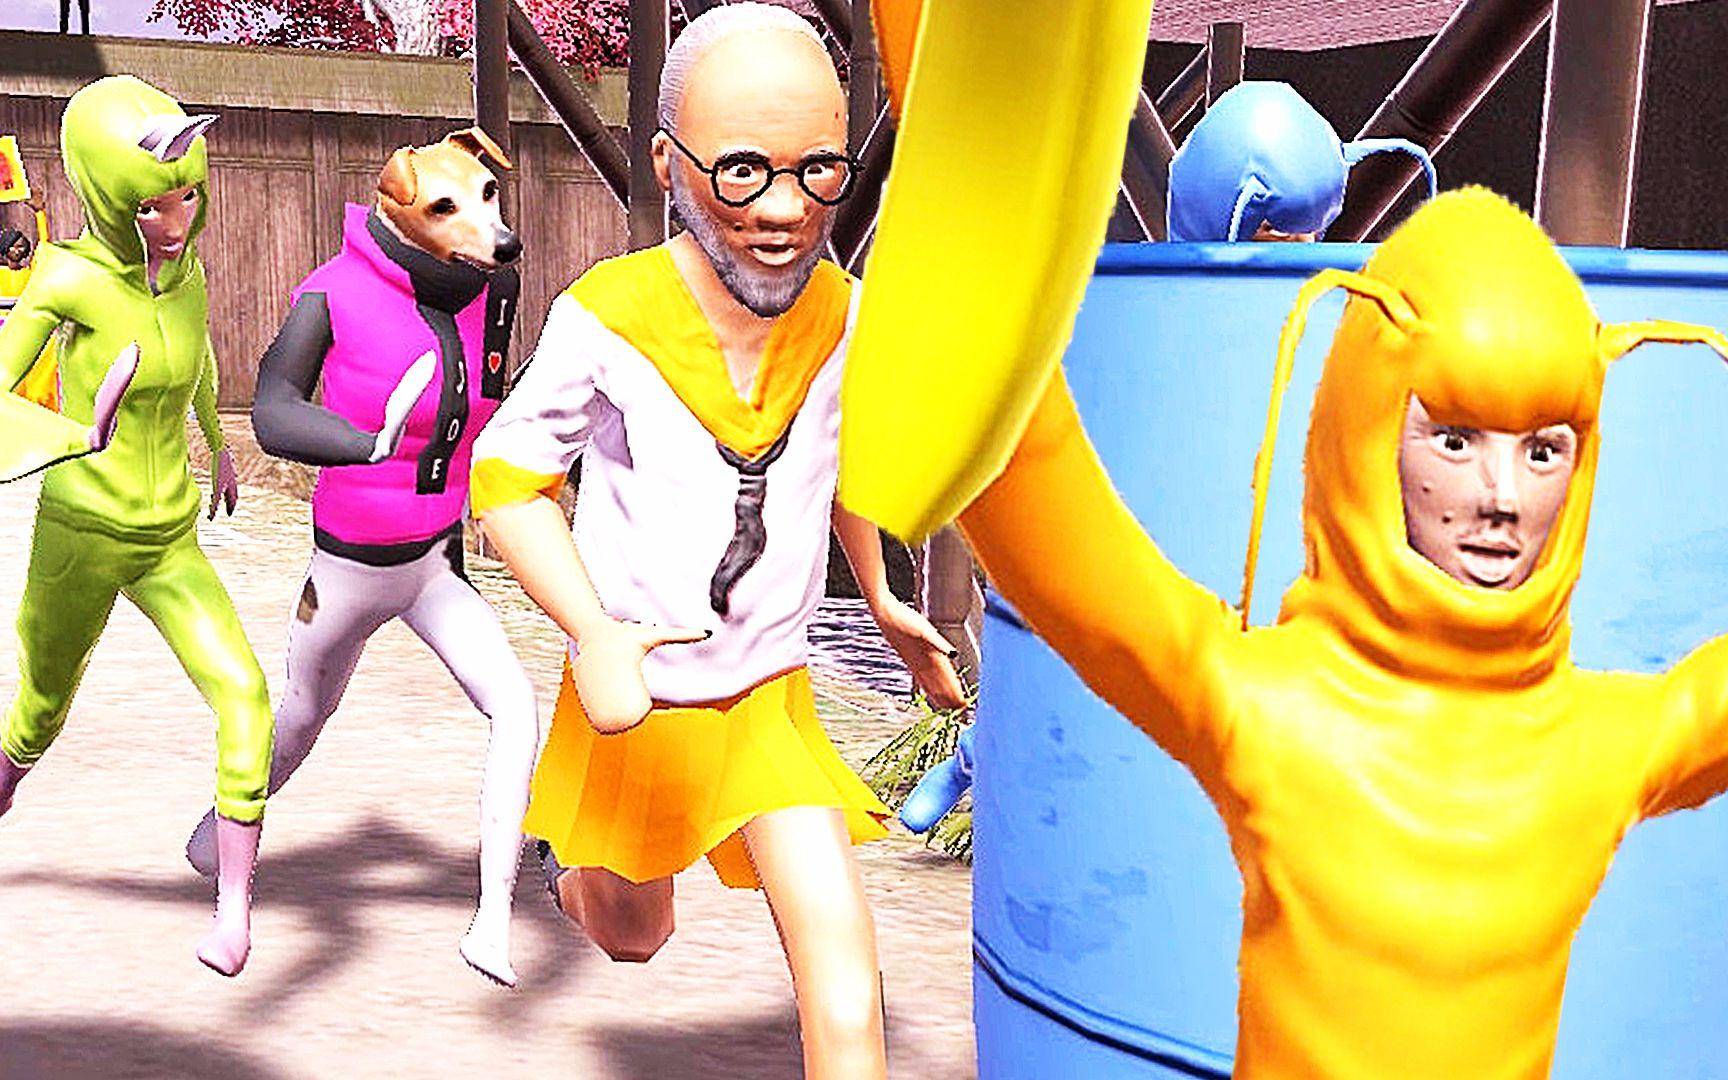 【屌德斯u0026小熙】 搞怪的人类 疯狂的人类穿着奇装异服满大街狂奔!